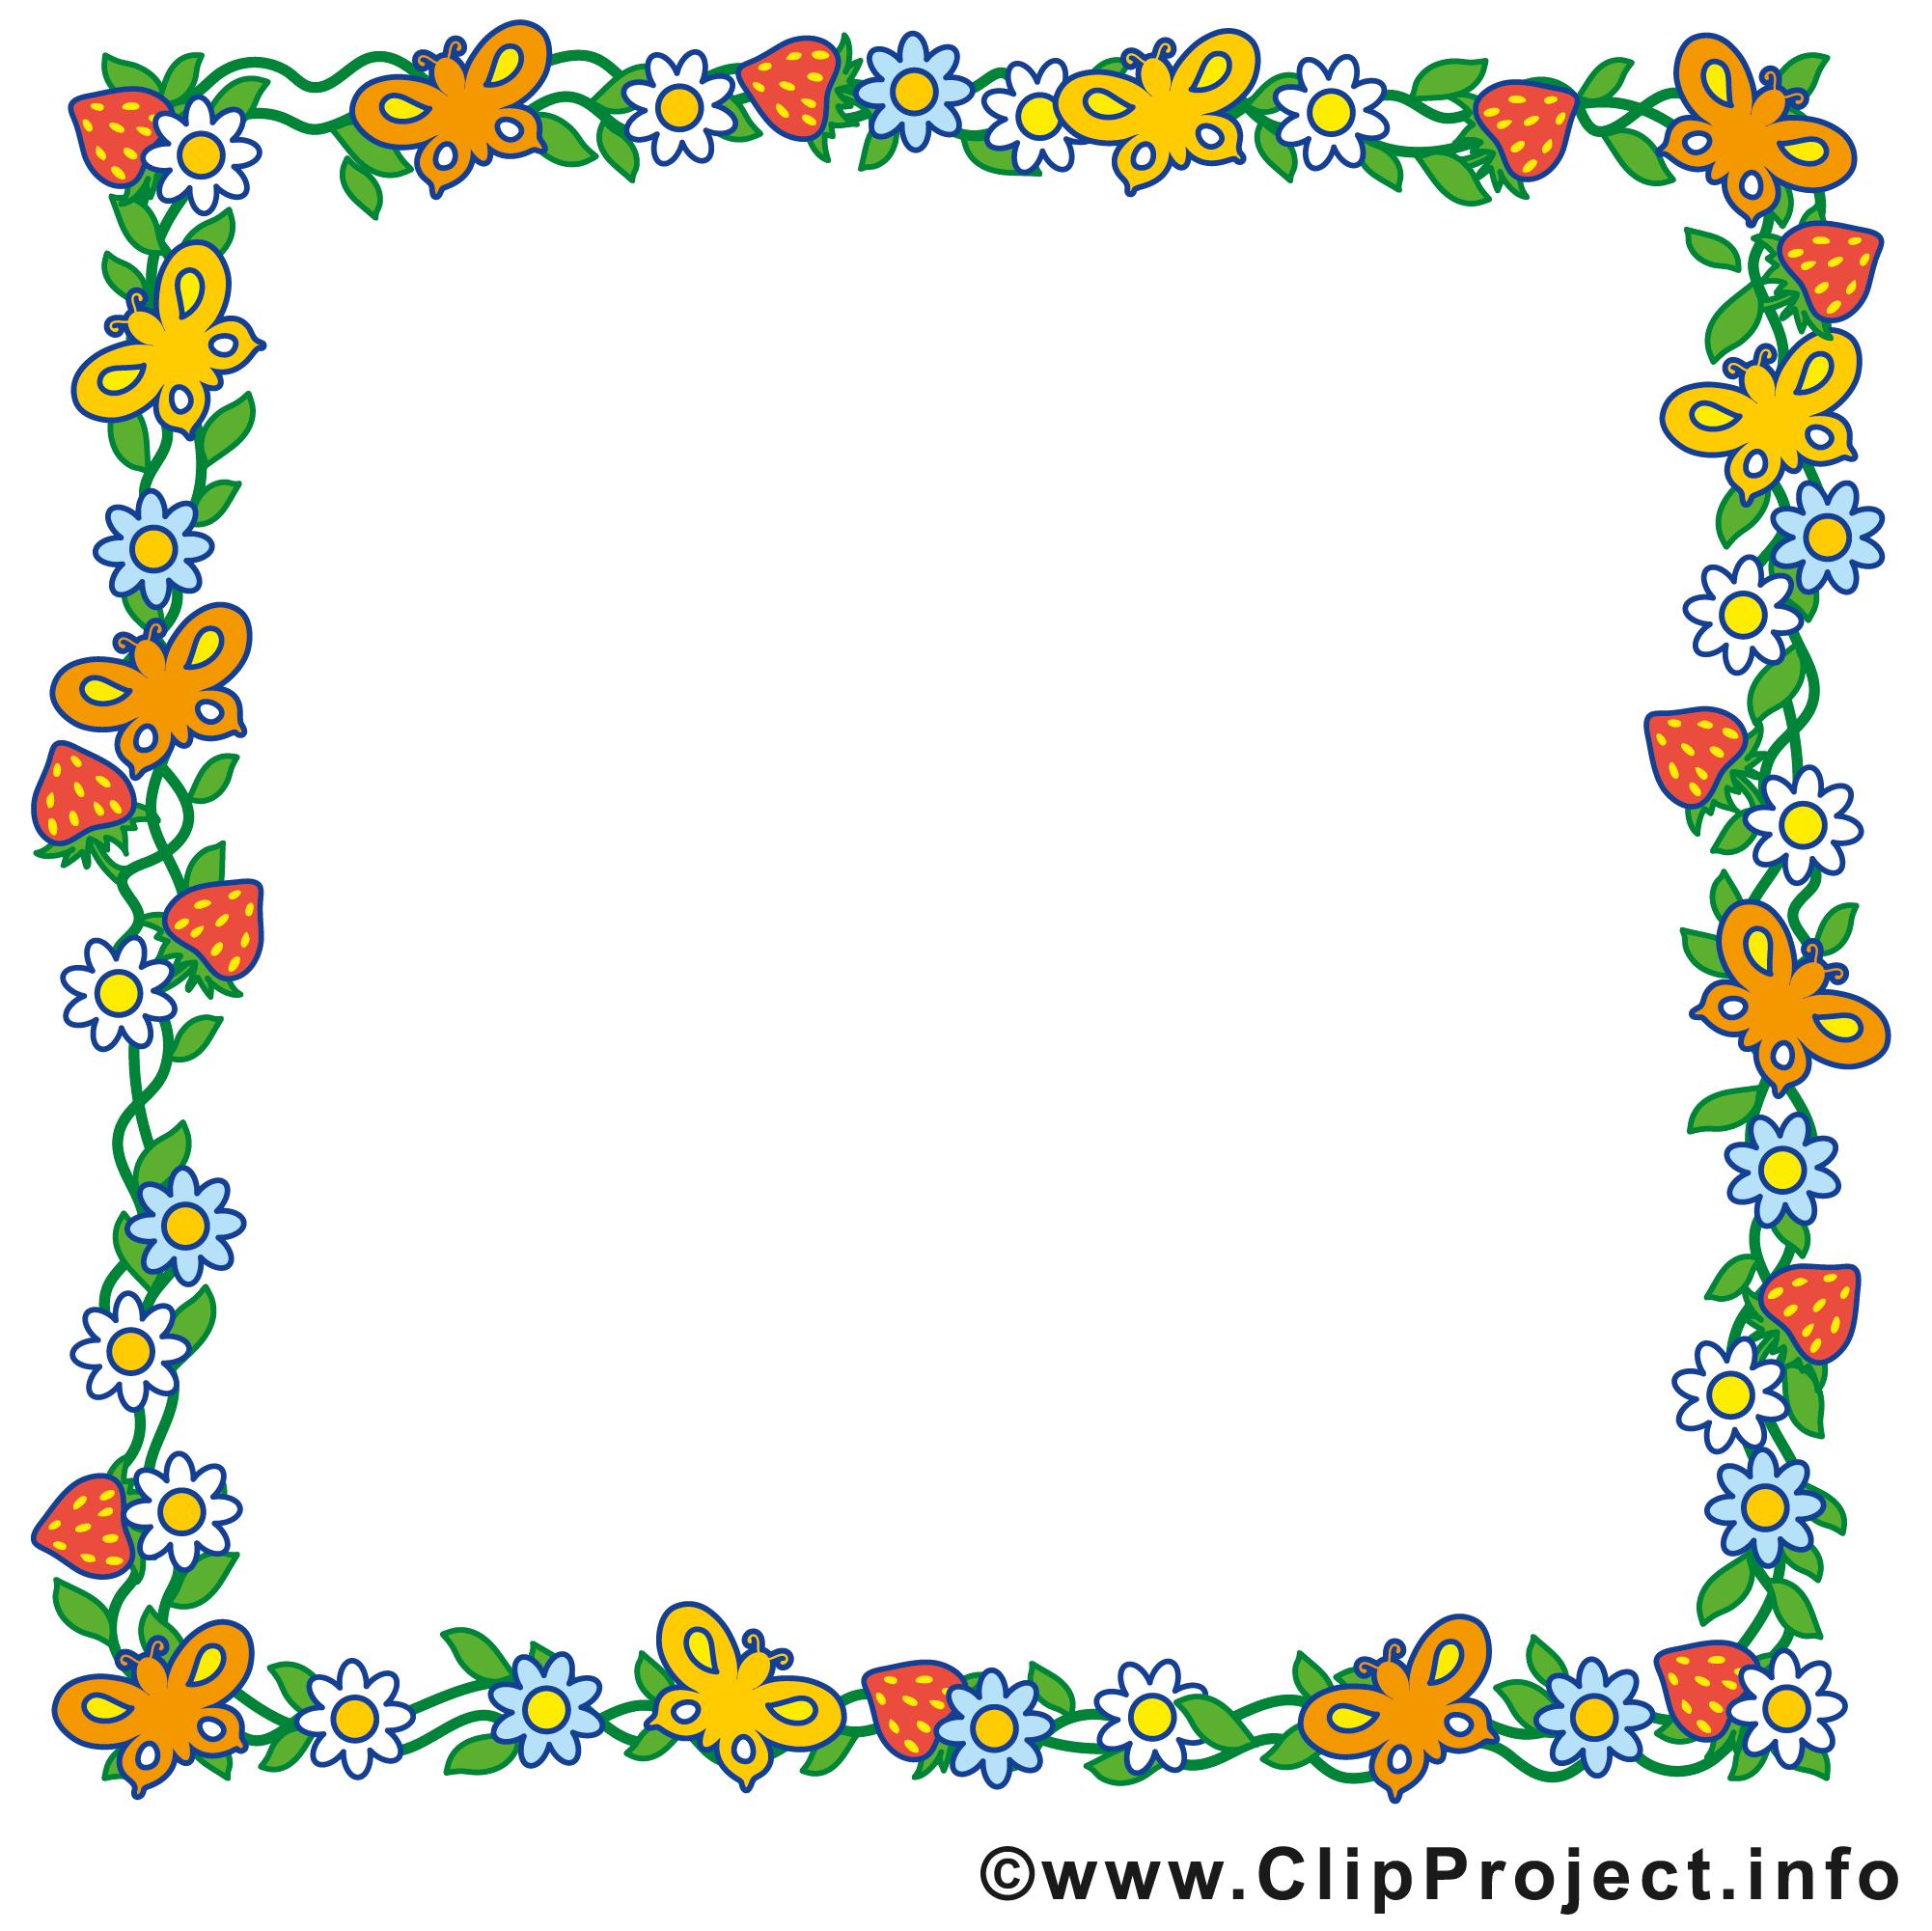 Clip Art Gratuit Rectangle Cadre Images Clipart Gratuit Cadre Dessin Clip Art